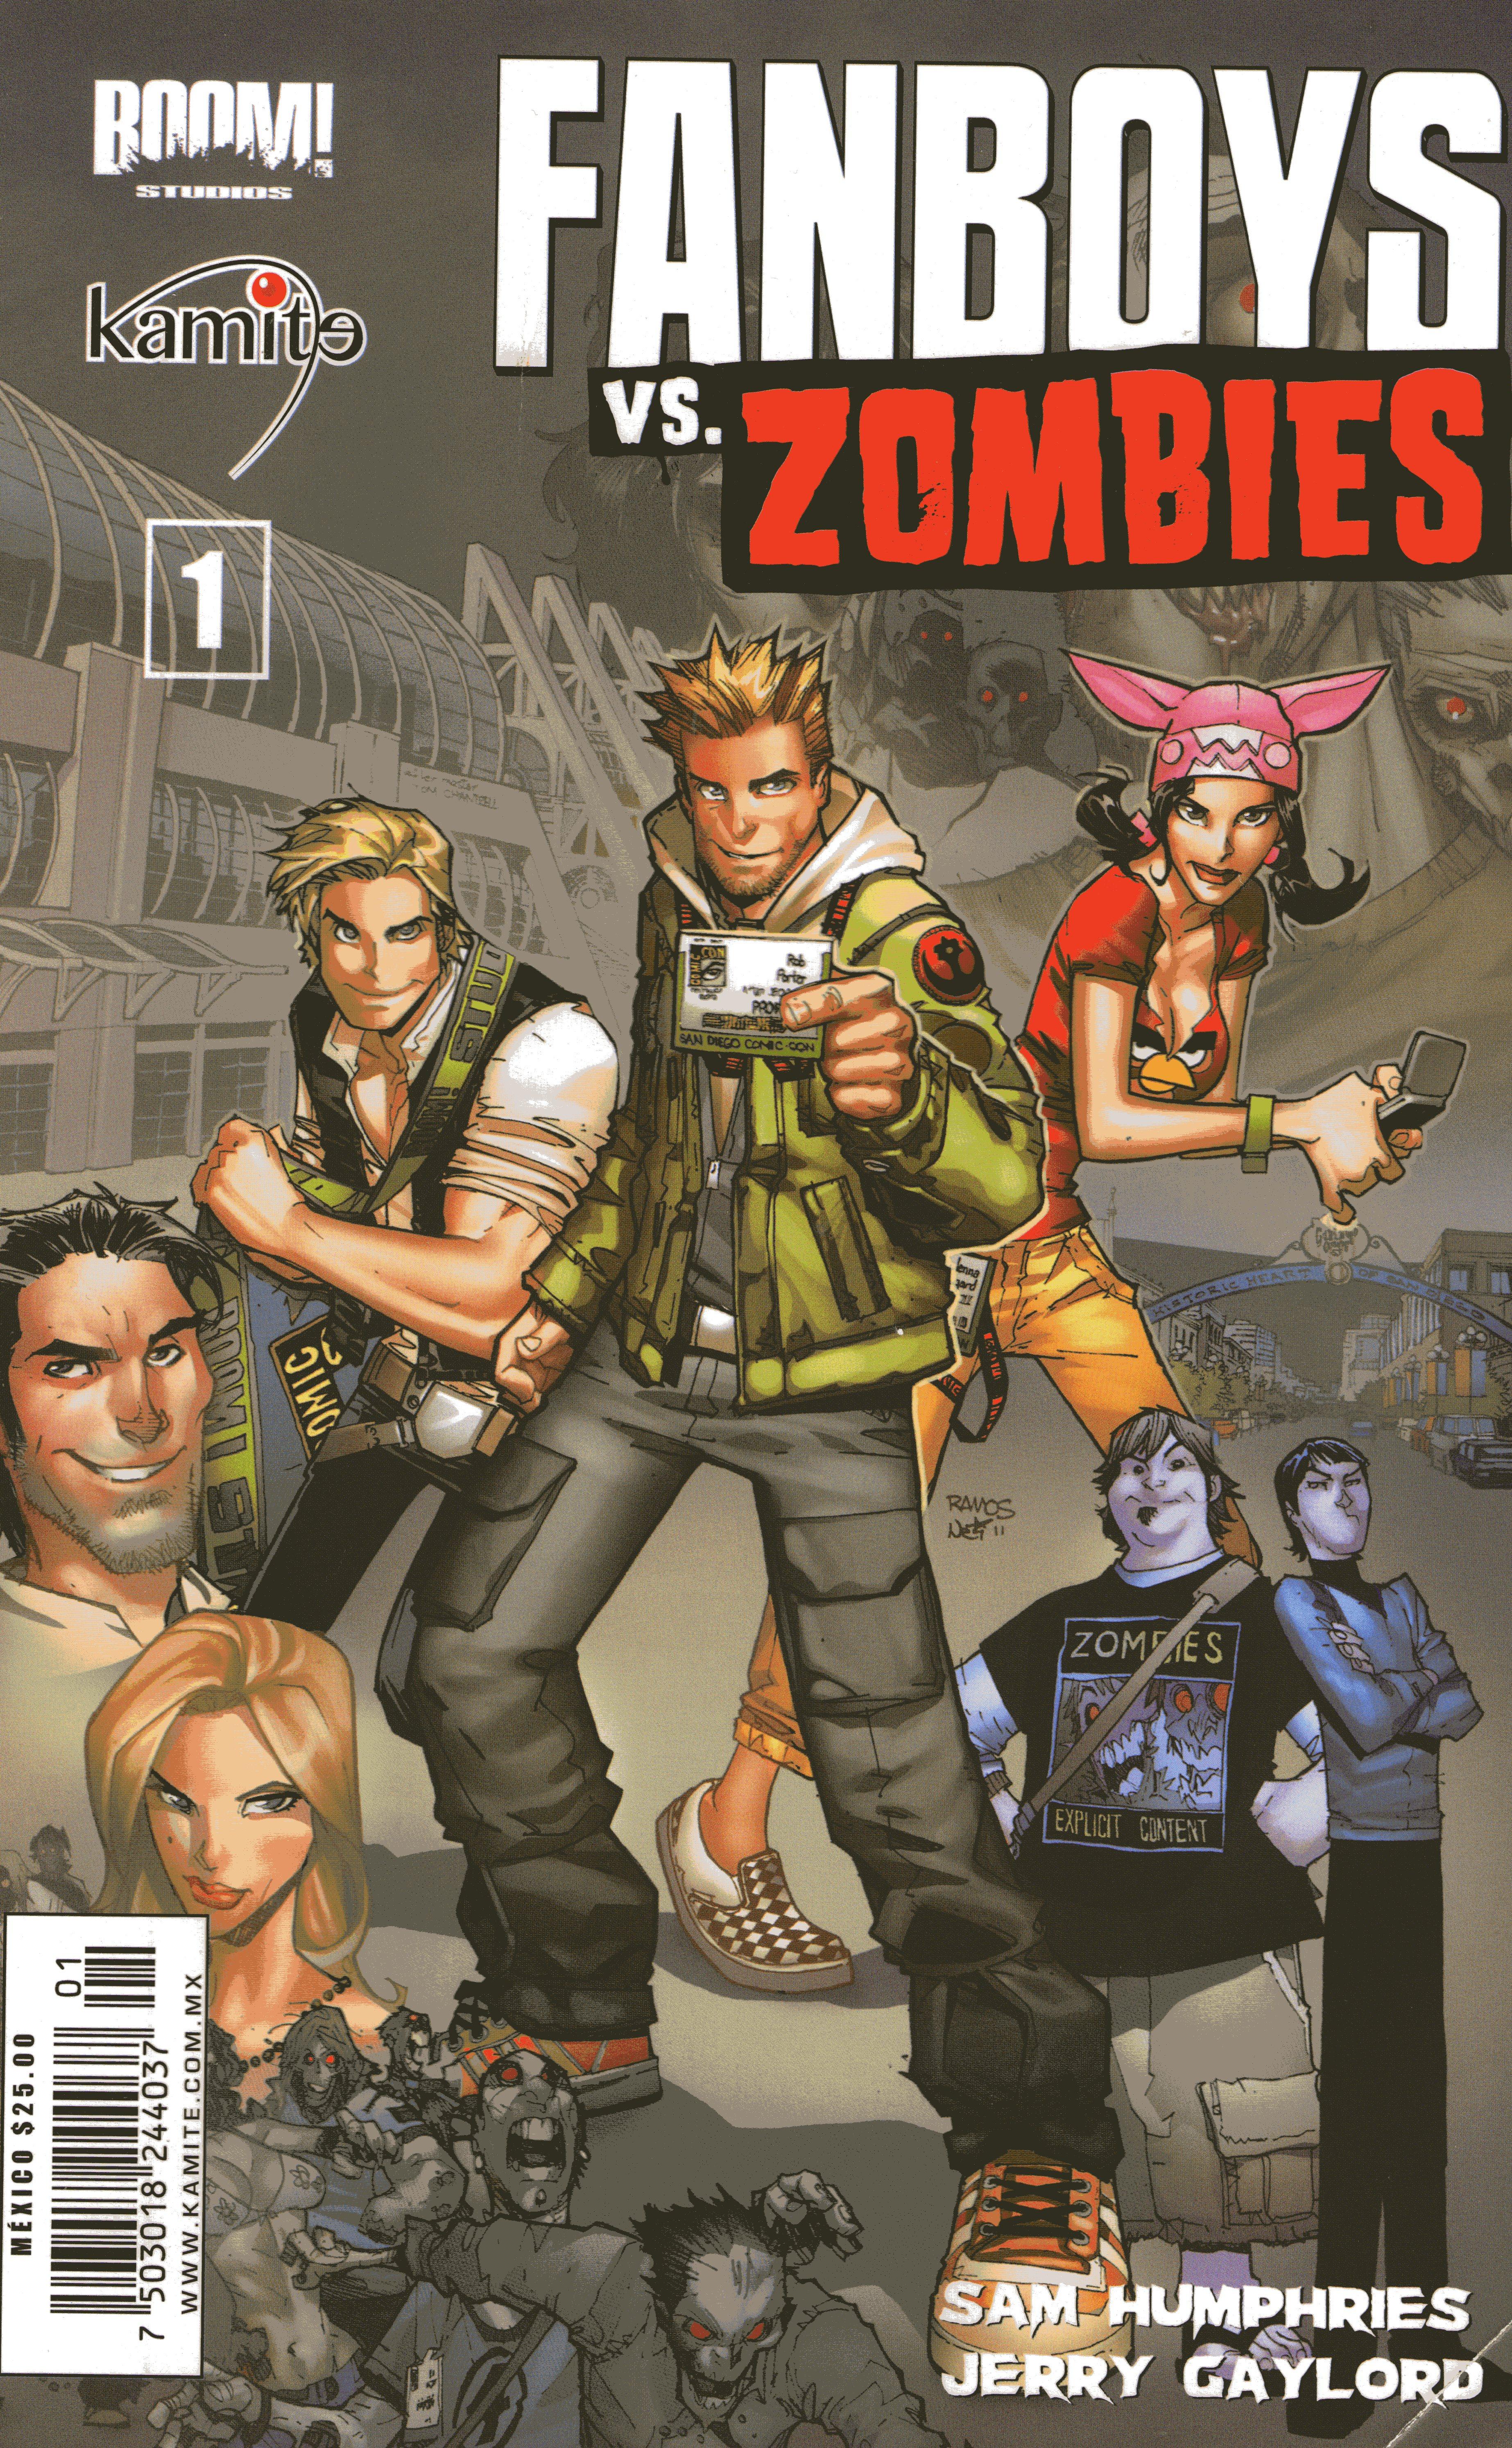 fanboys vs zombies (3)